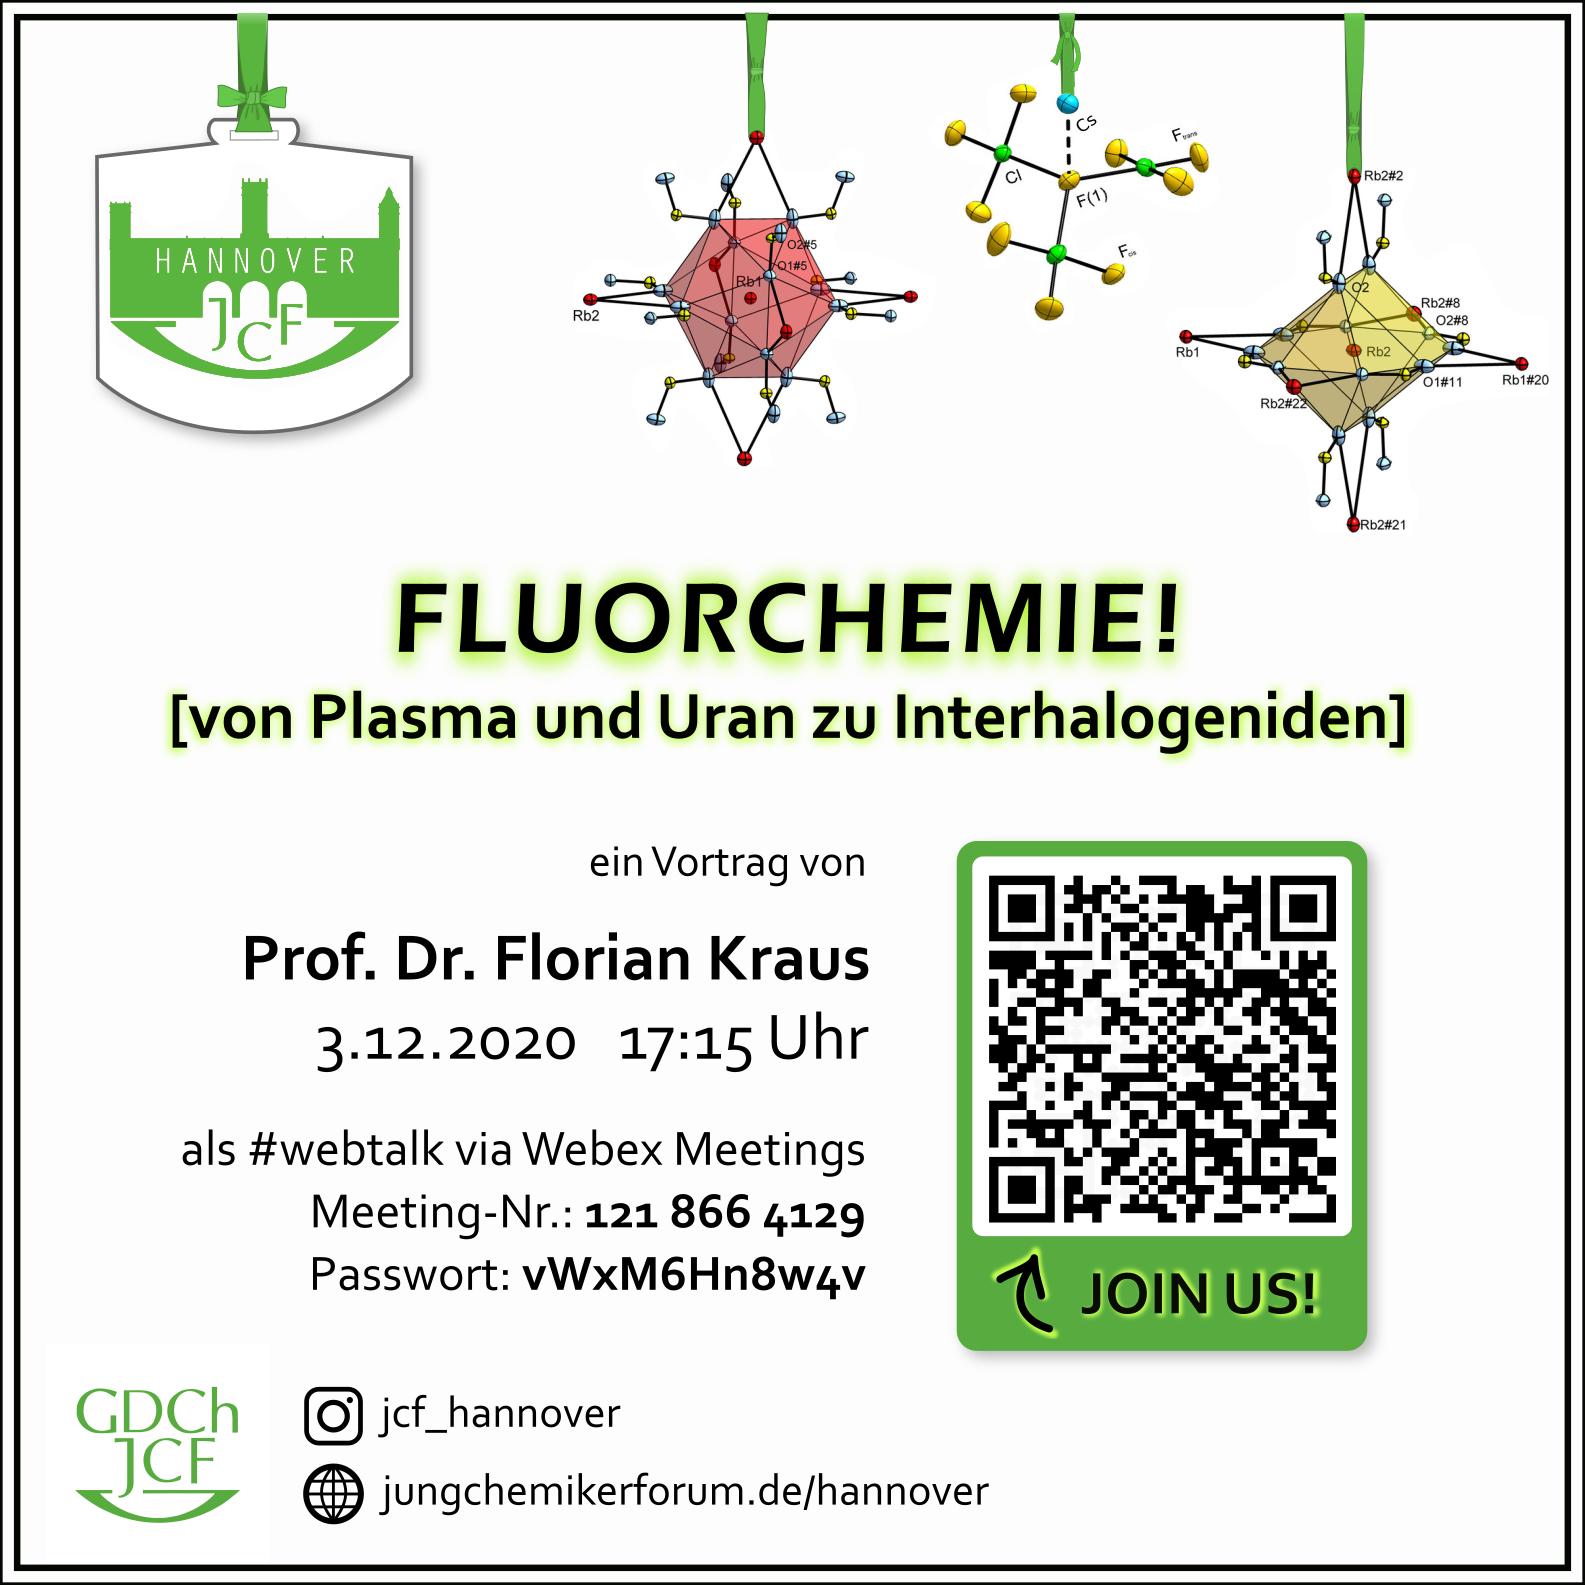 Fluorchemie